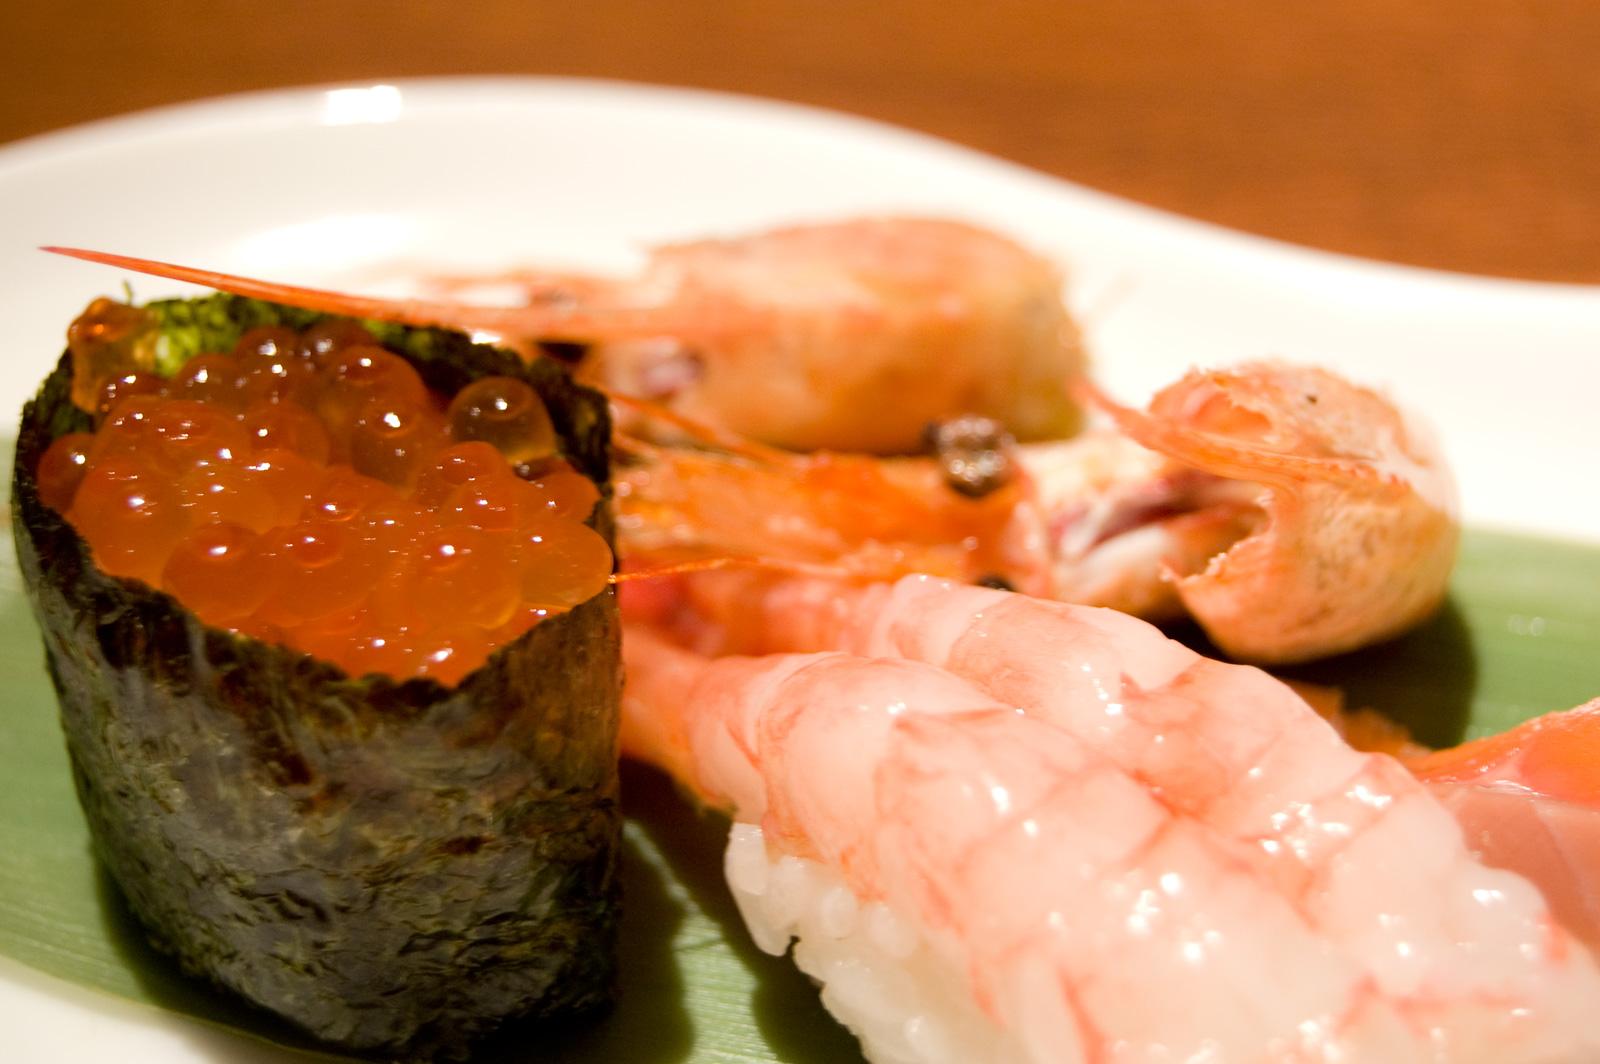 この寿司屋は本物か?イクラの本物と偽物を一瞬で見分ける方法。